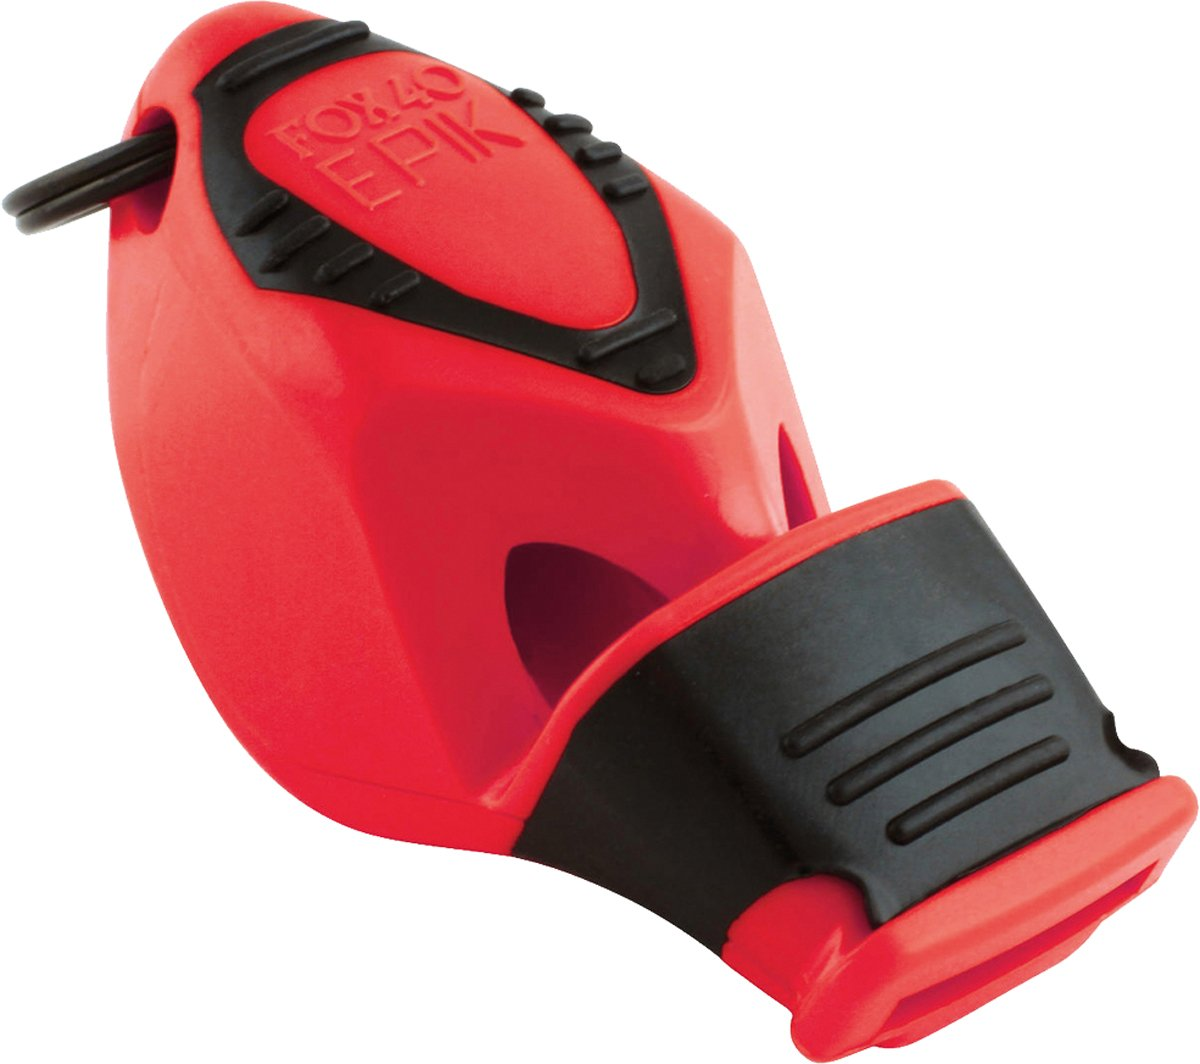 Fox 40 Epik Cmg Safety Whistle C/w Wrist-Lanyard Red